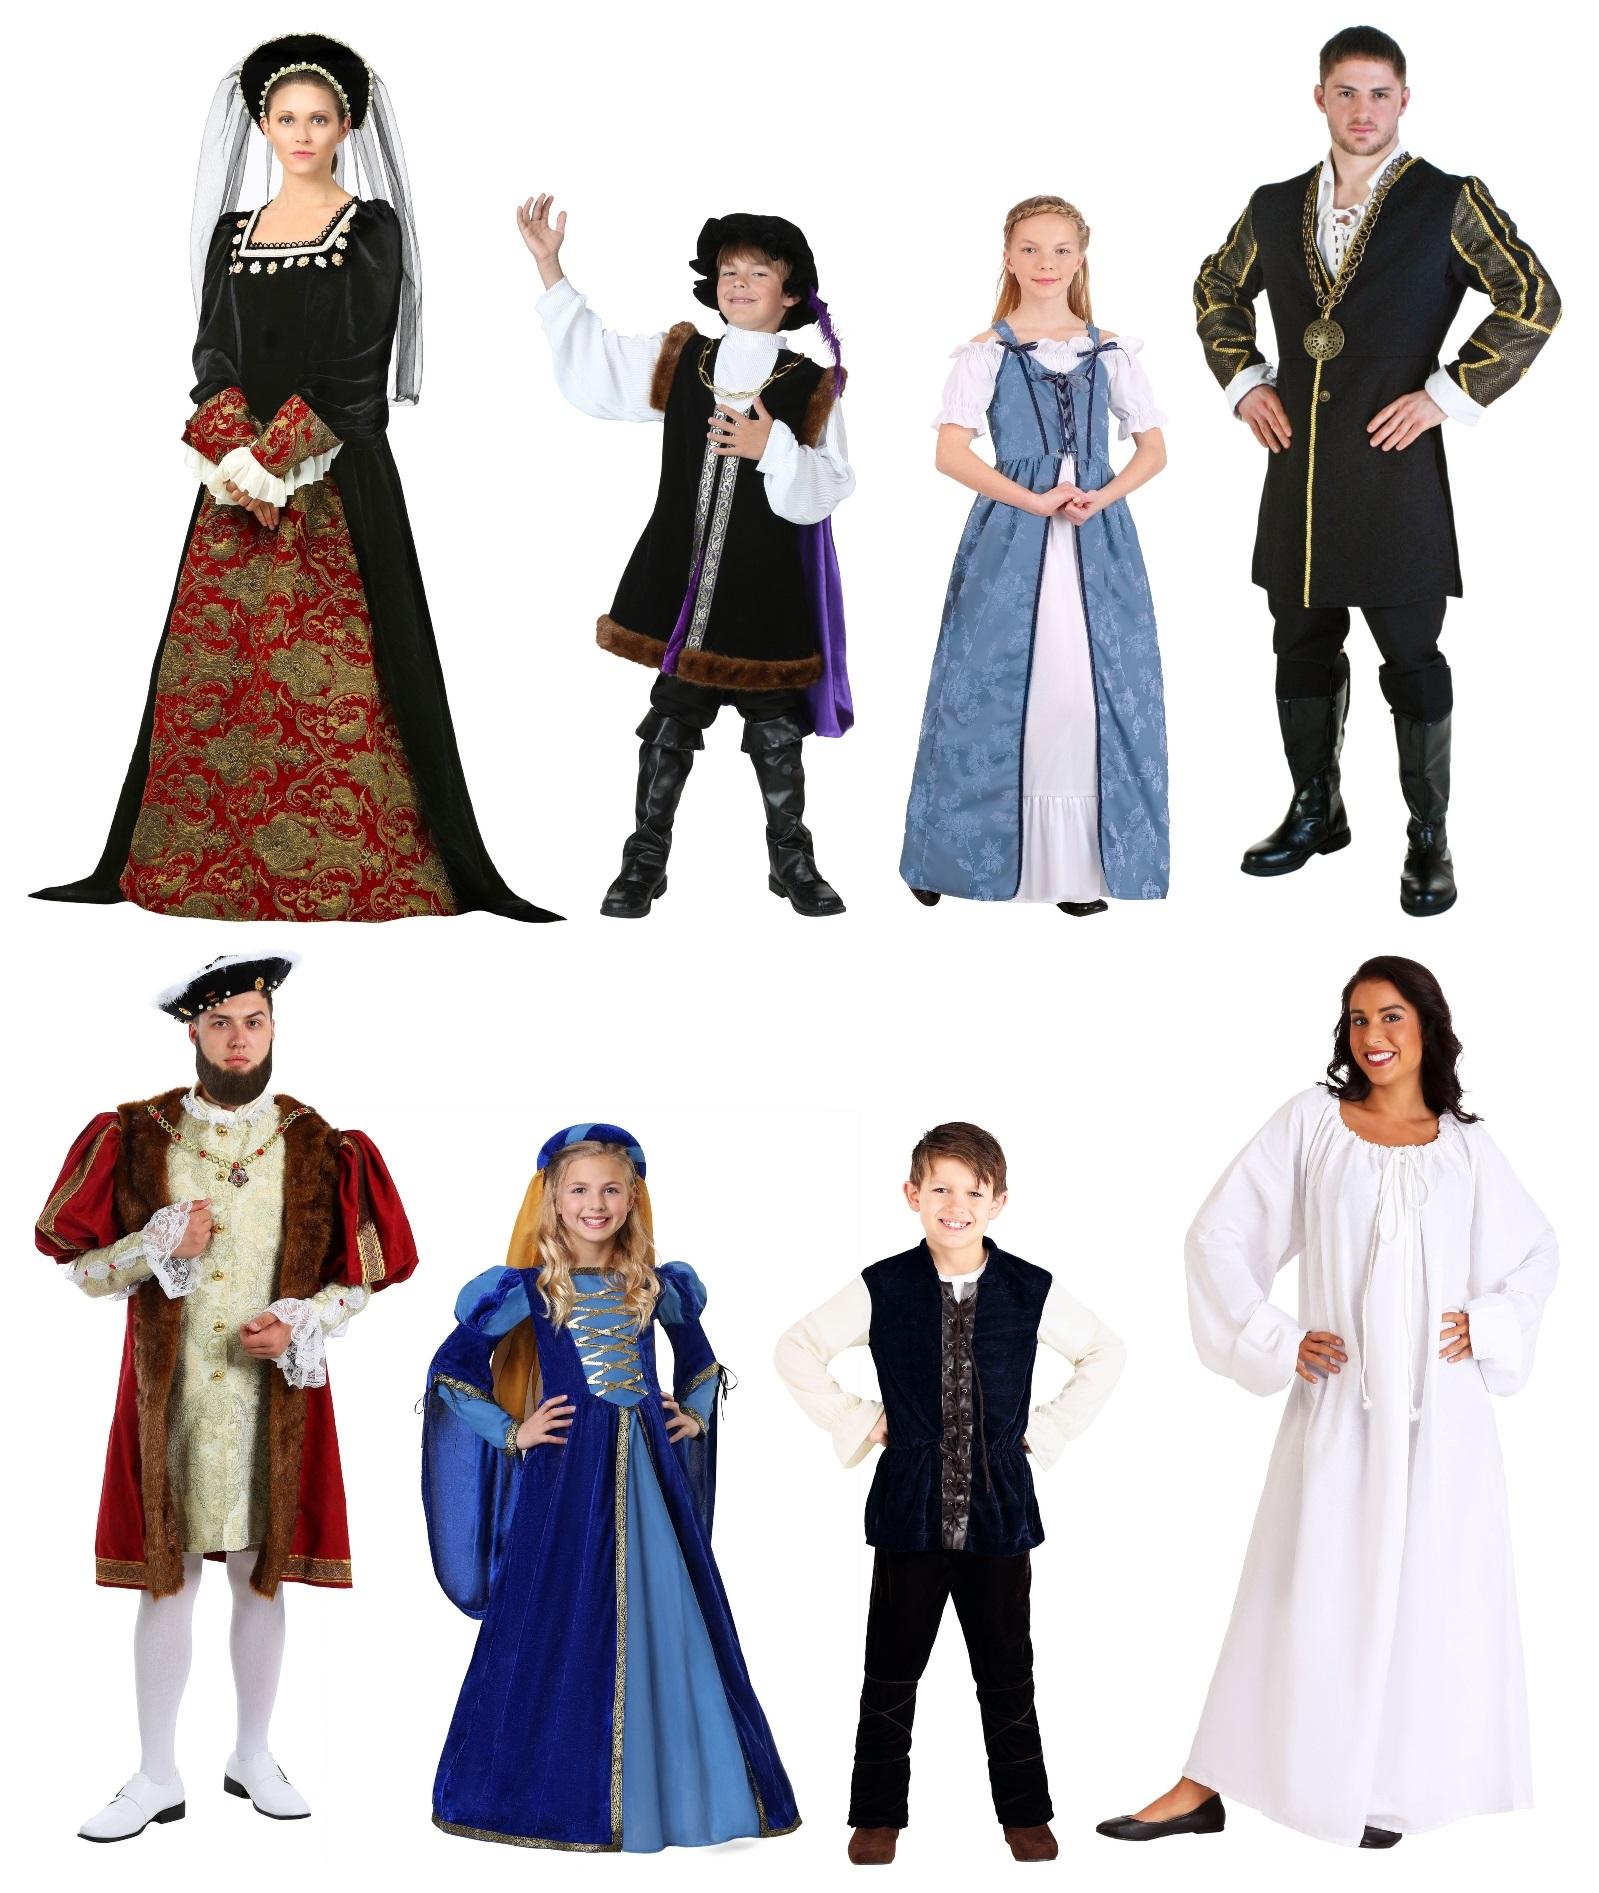 Renaissance Outfits